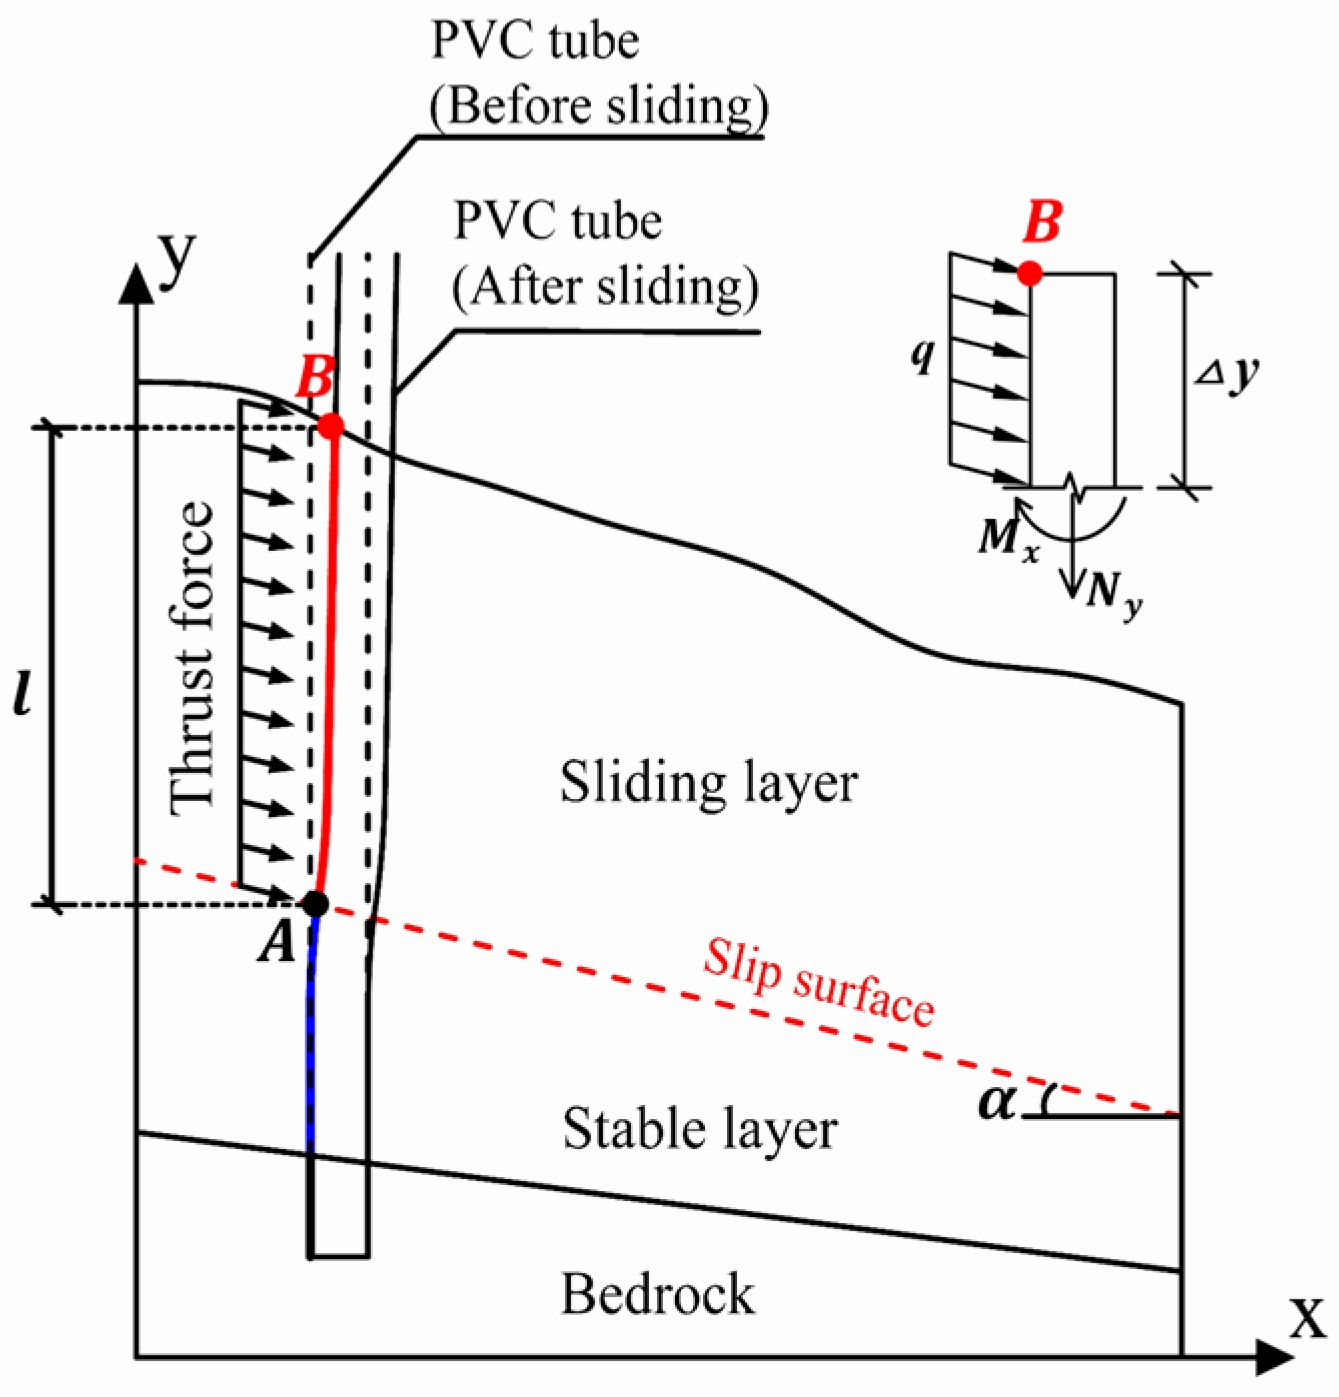 Pioneer Avh X2700Bs Wiring Diagram | Wiring Library - Pioneer Avh X2700Bs Wiring Diagram